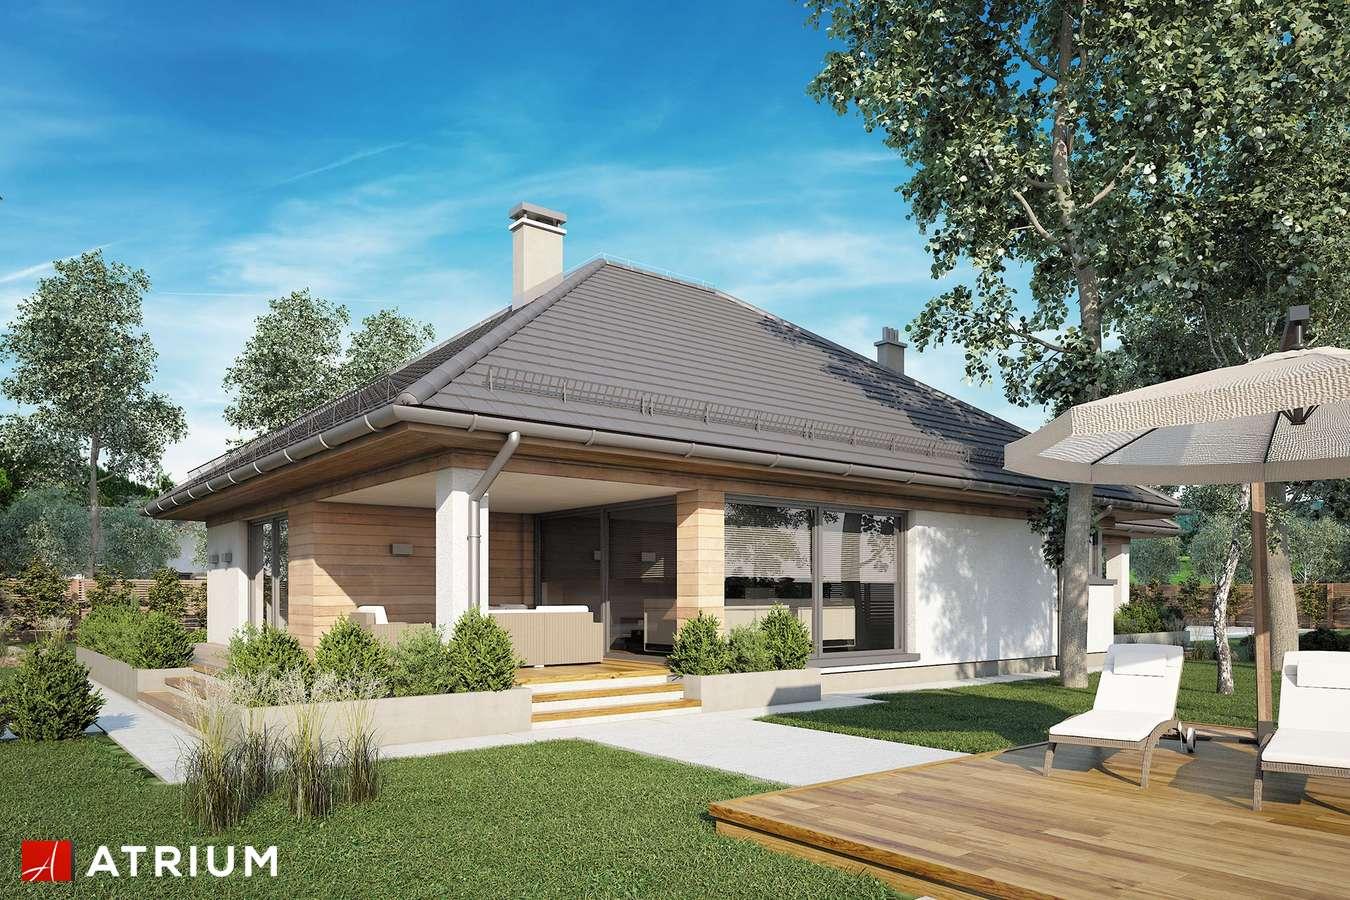 Projekty domów - Projekt domu parterowego MORGAN III - wizualizacja 2